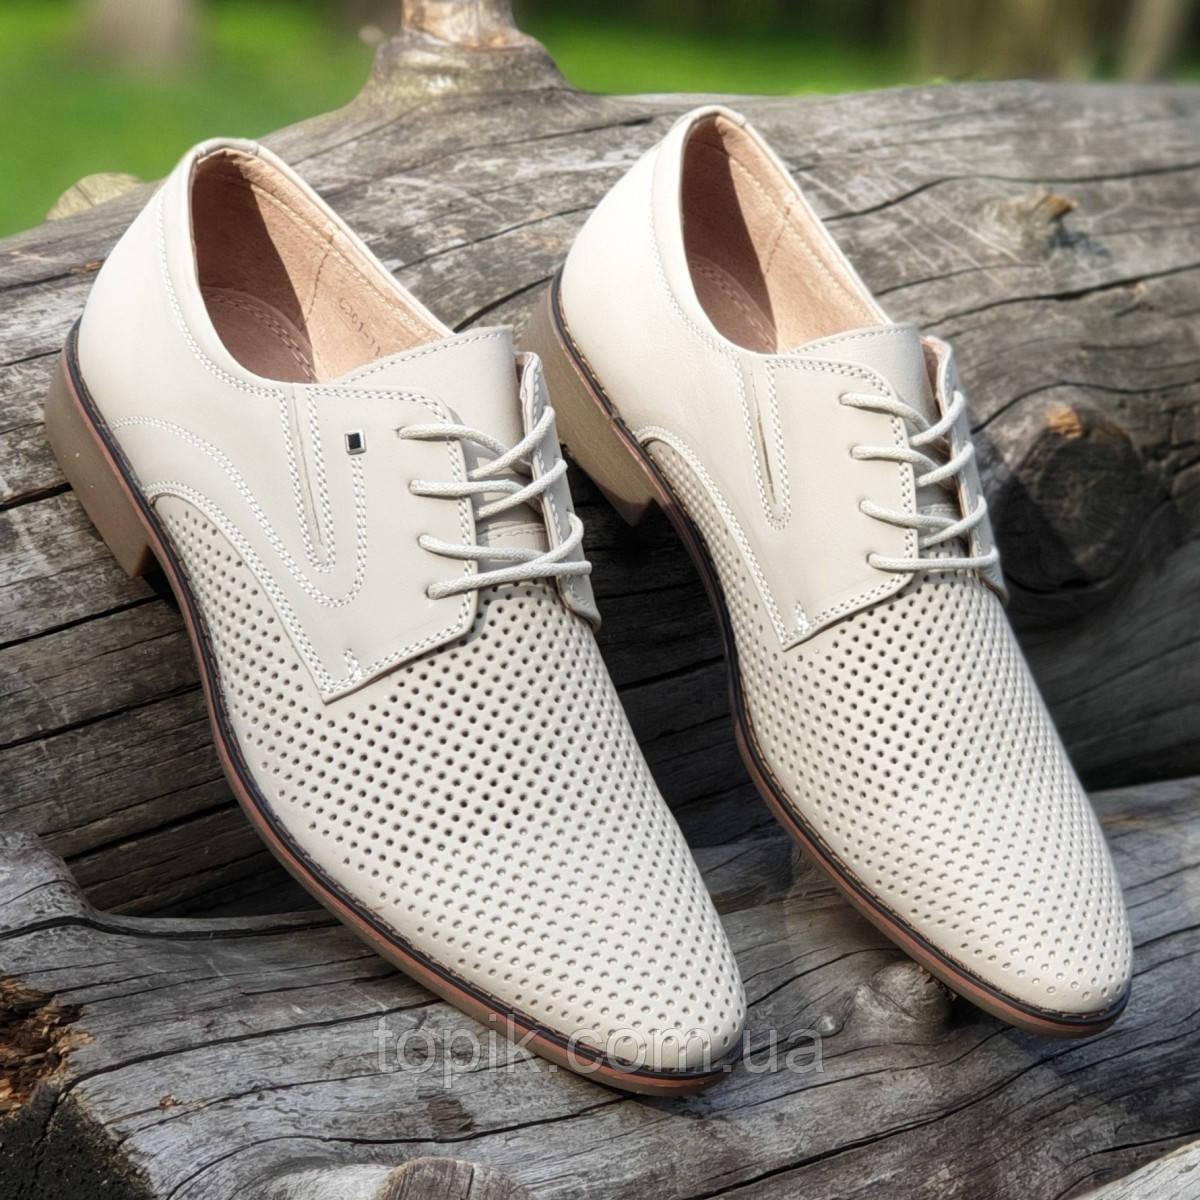 Мужские летние туфли кожаные классические на шнурках в дырочку светлые (Код: 1463а)